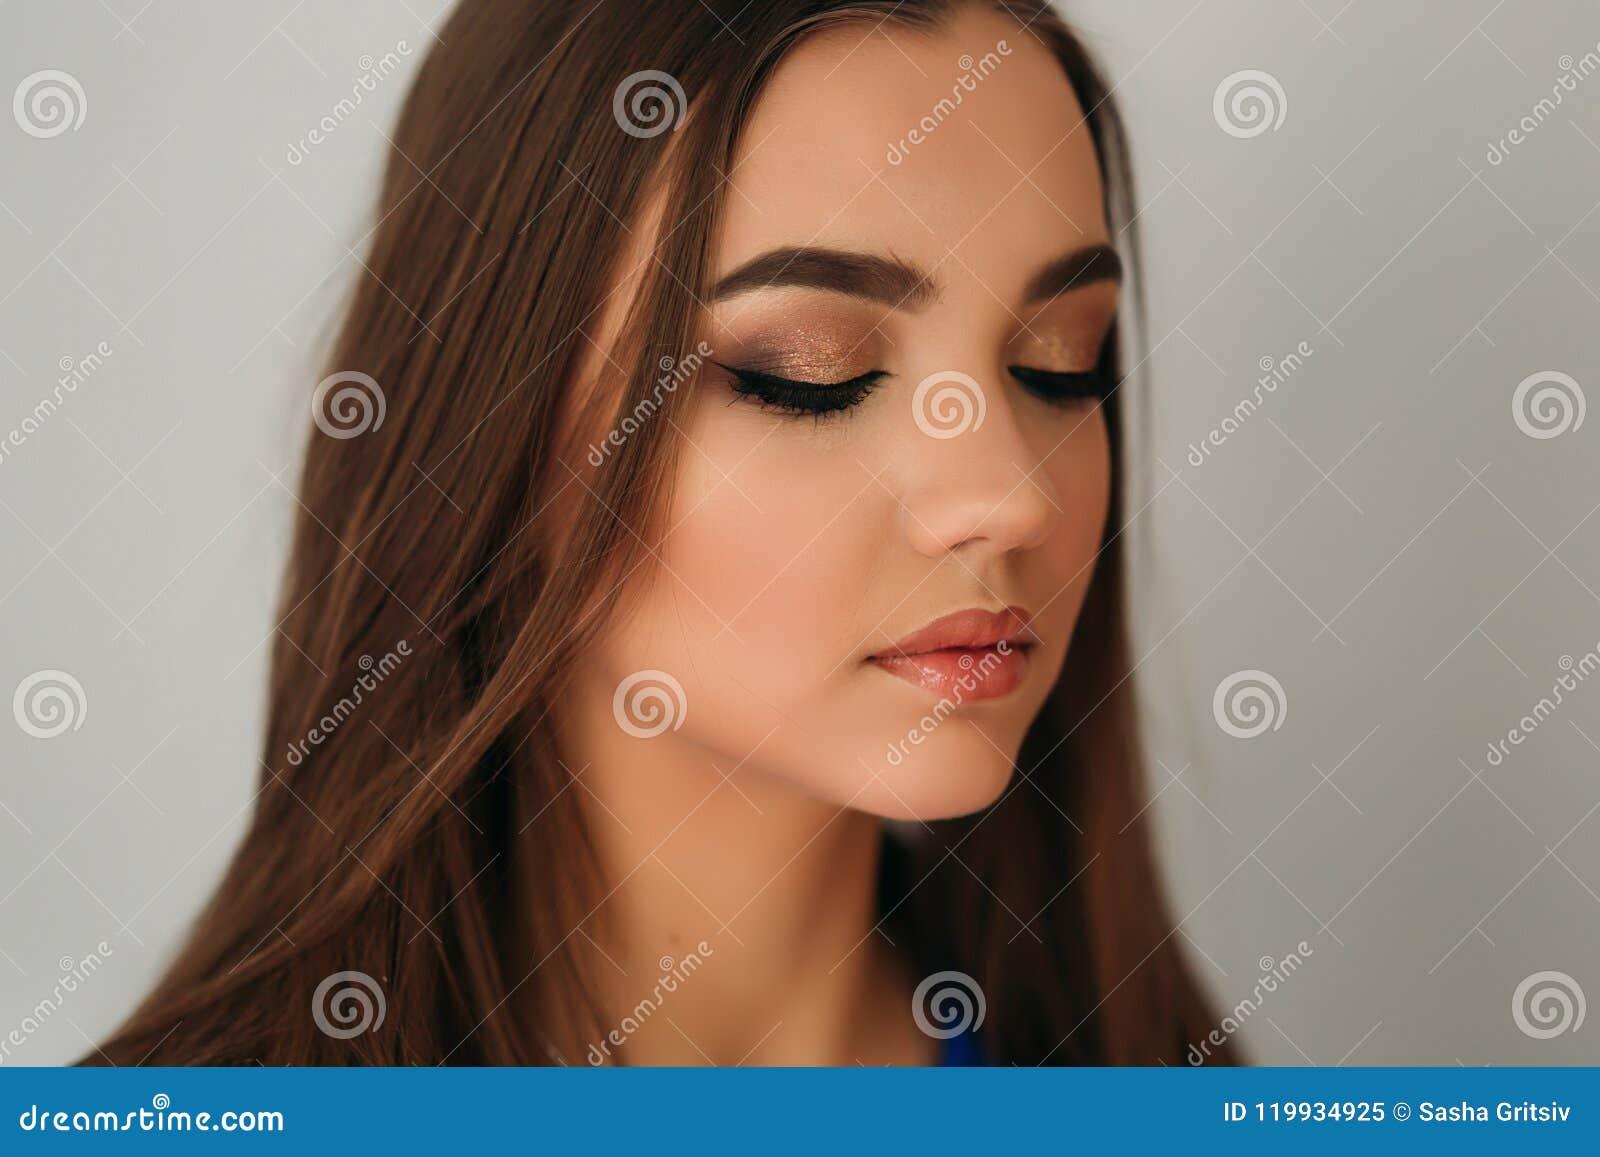 Cerrado modelo ella ojos para mostrarle maquillaje